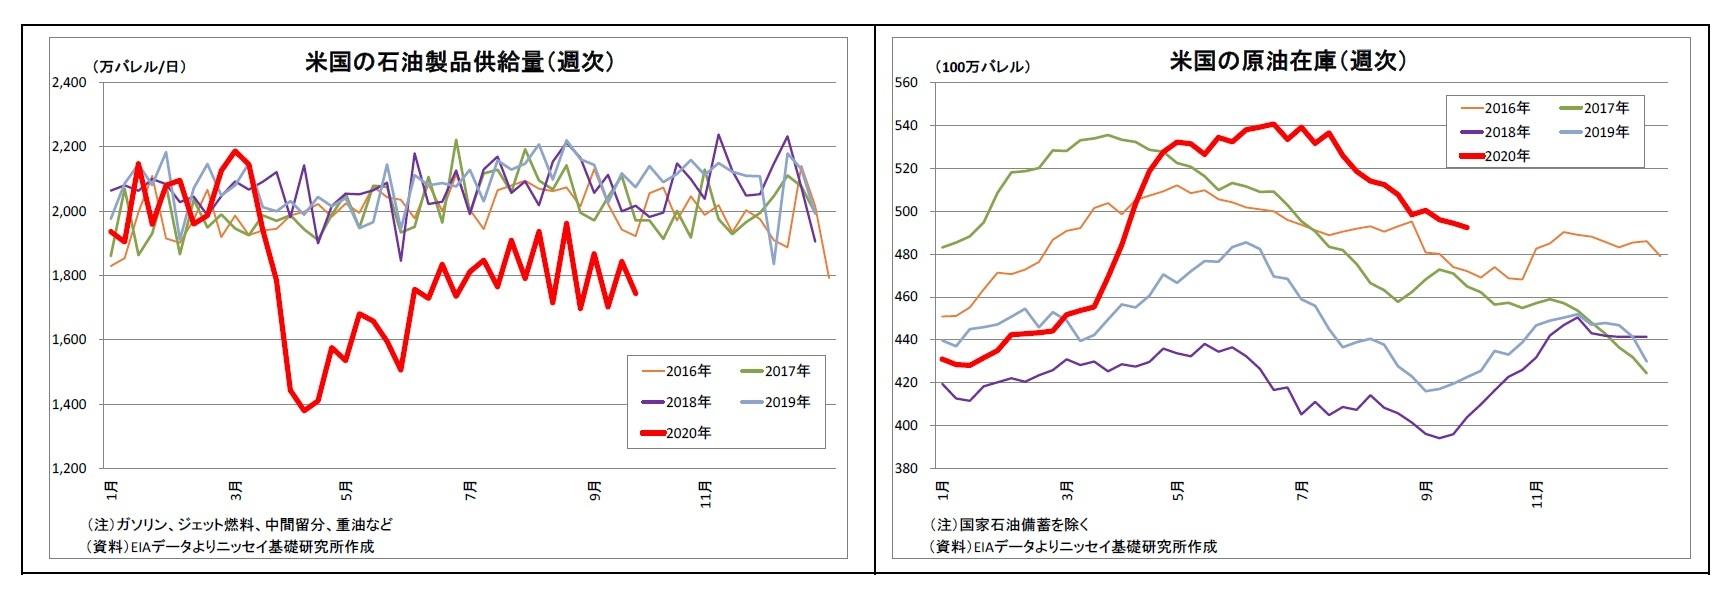 米国の石油製品供給量(週次)/米国の原油在庫(週次)